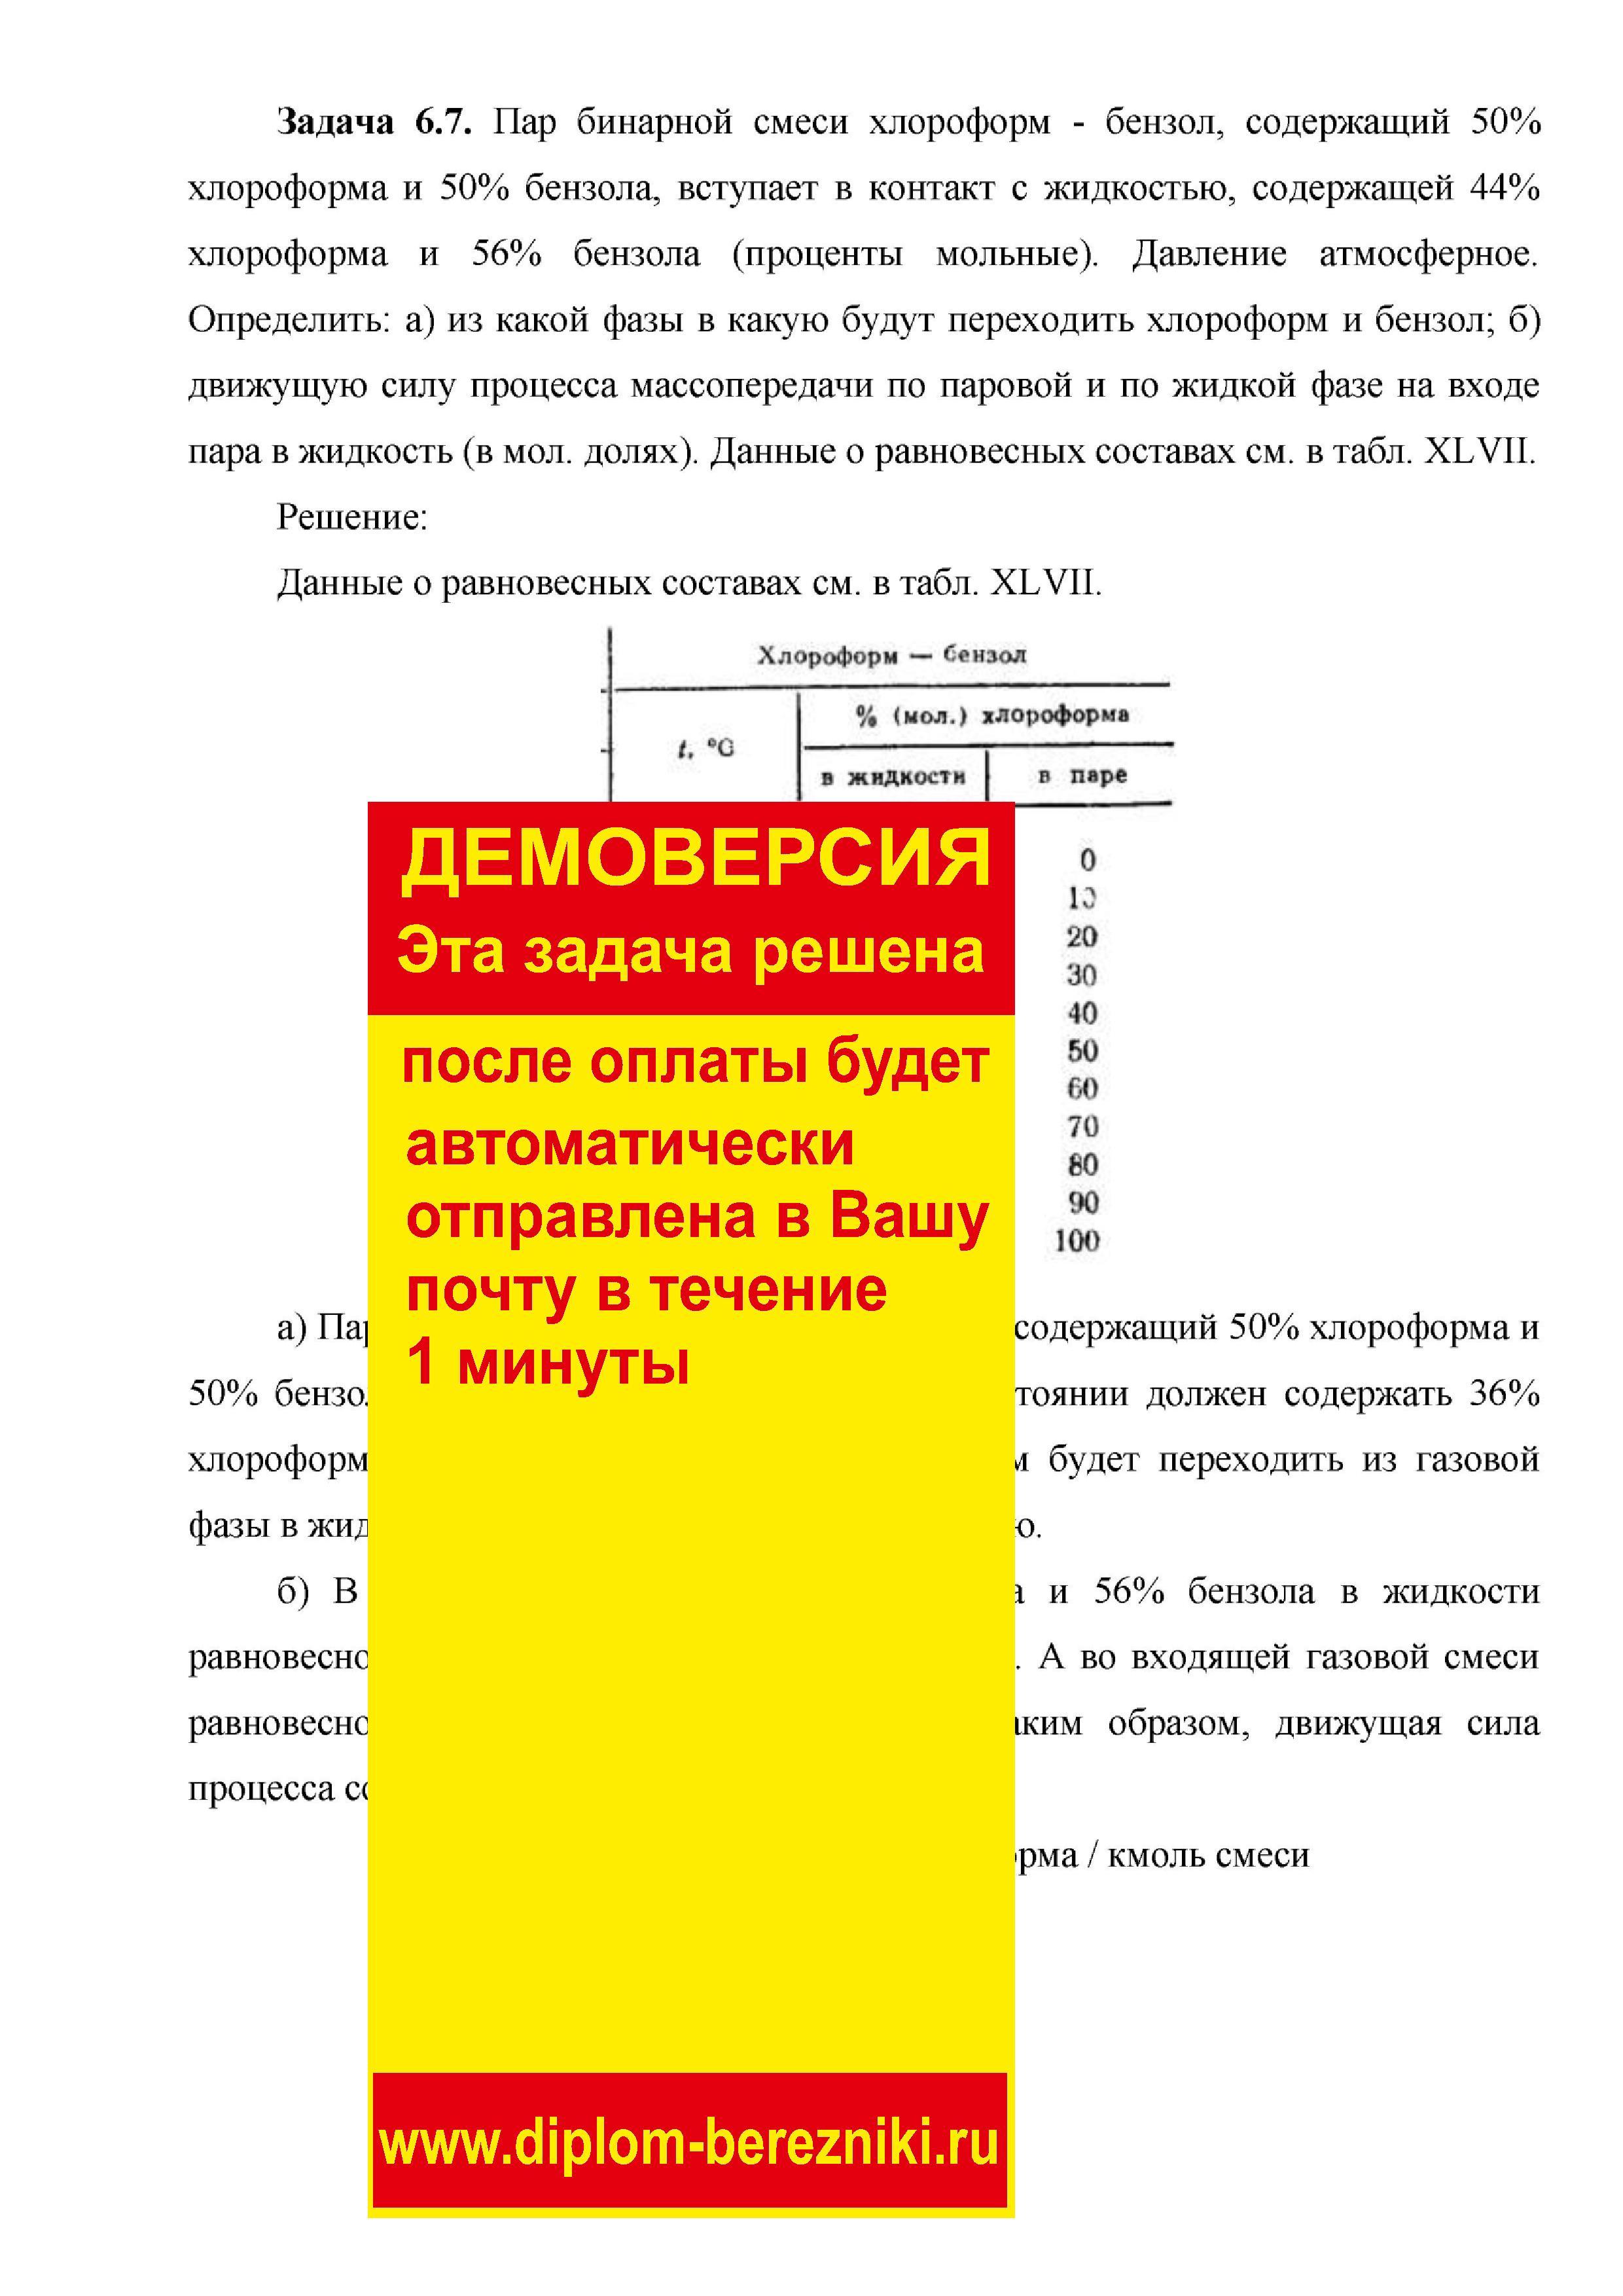 Решение задачи 6.7 по ПАХТ из задачника Павлова Романкова Носкова